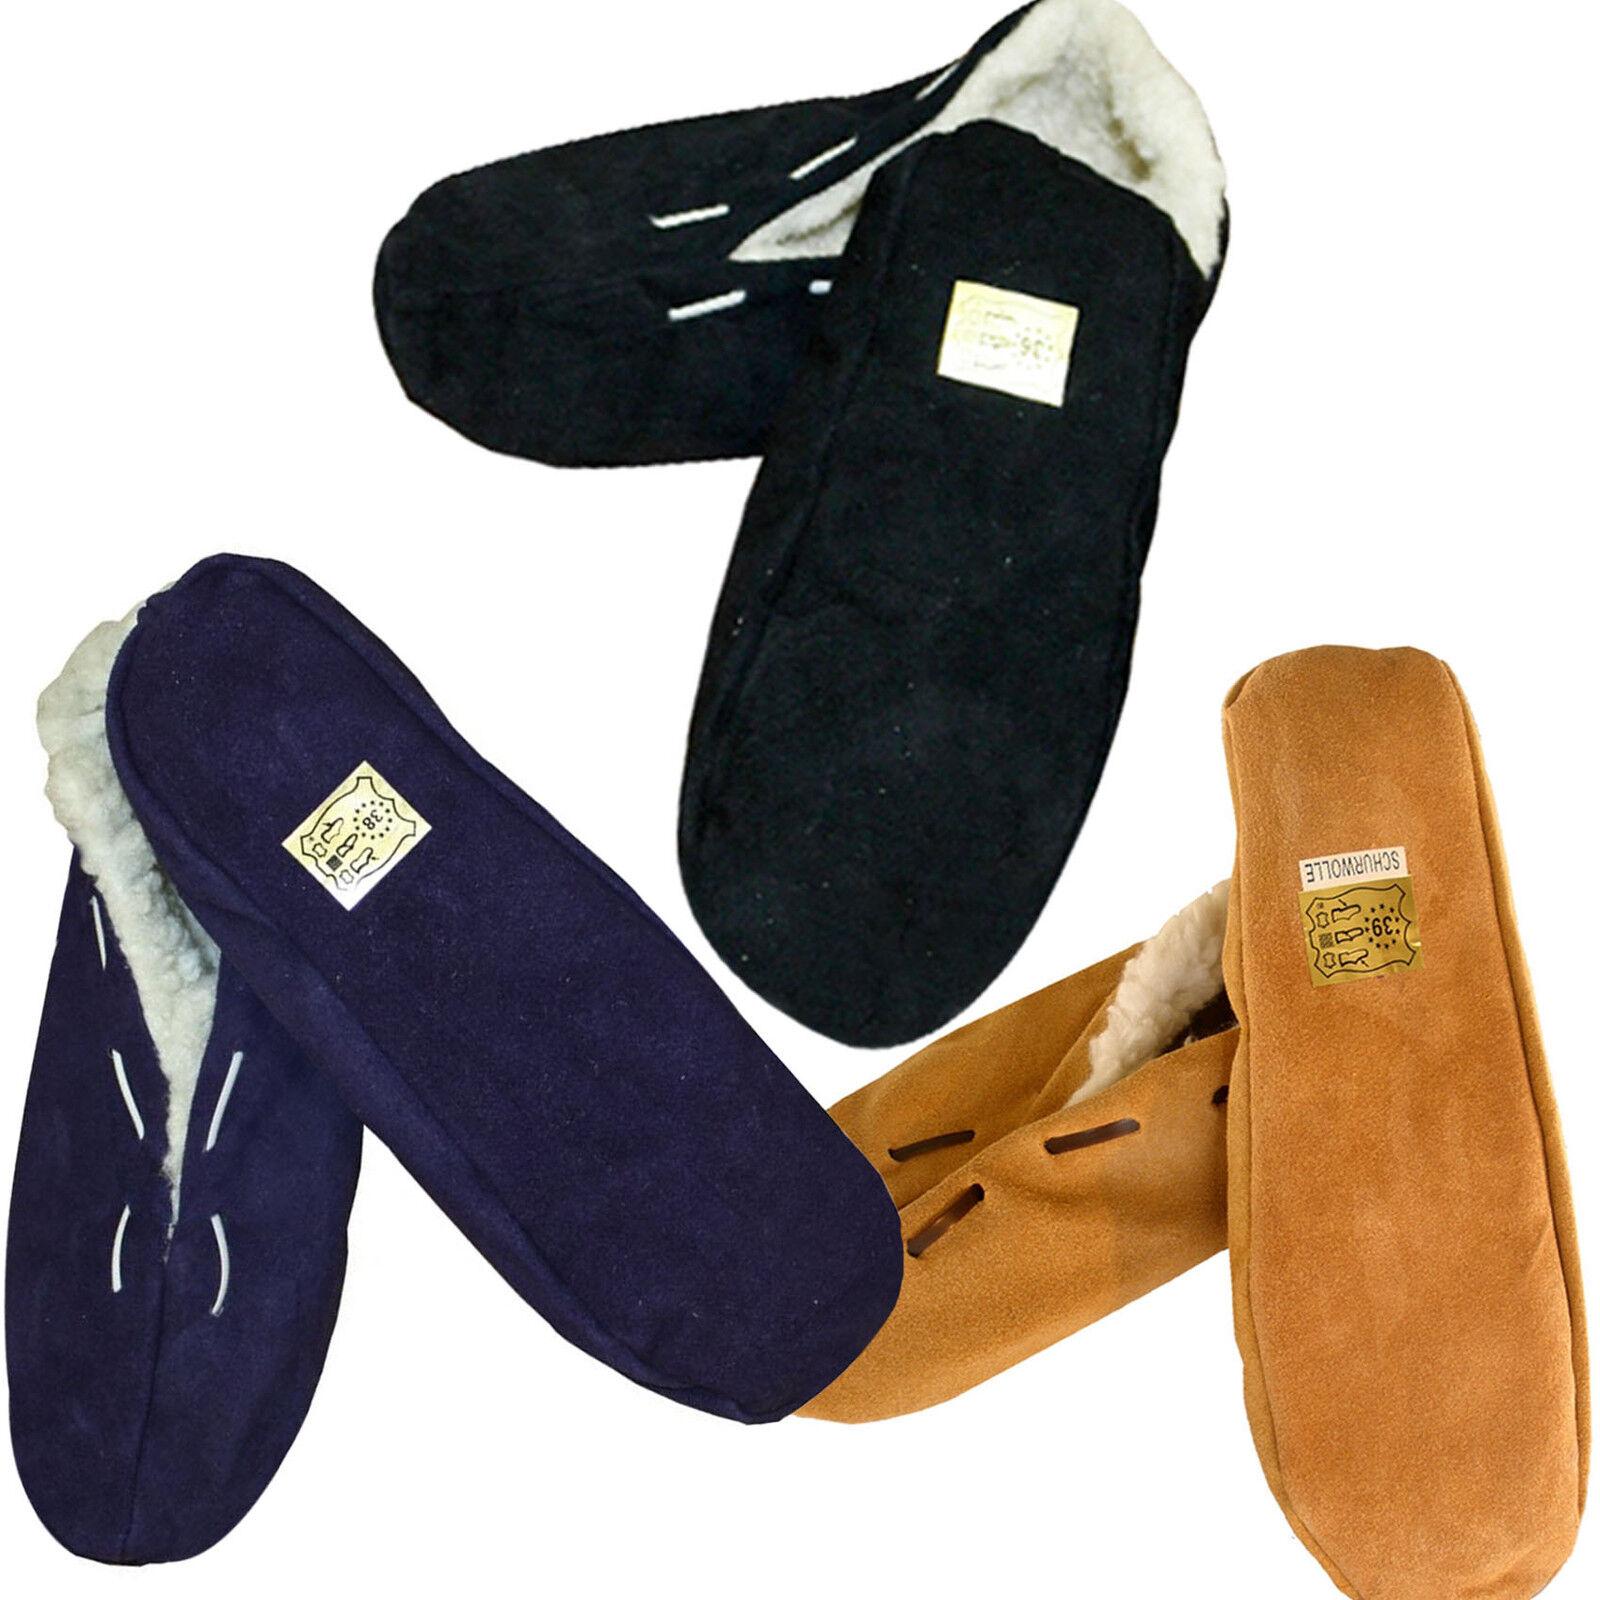 NEU ECHT LEDER Hausschuhe Mokassins Warm Pantoffeln PUSCHEN Antirutsch Gr.20-52 Gr.20-52 Antirutsch b3ee4e